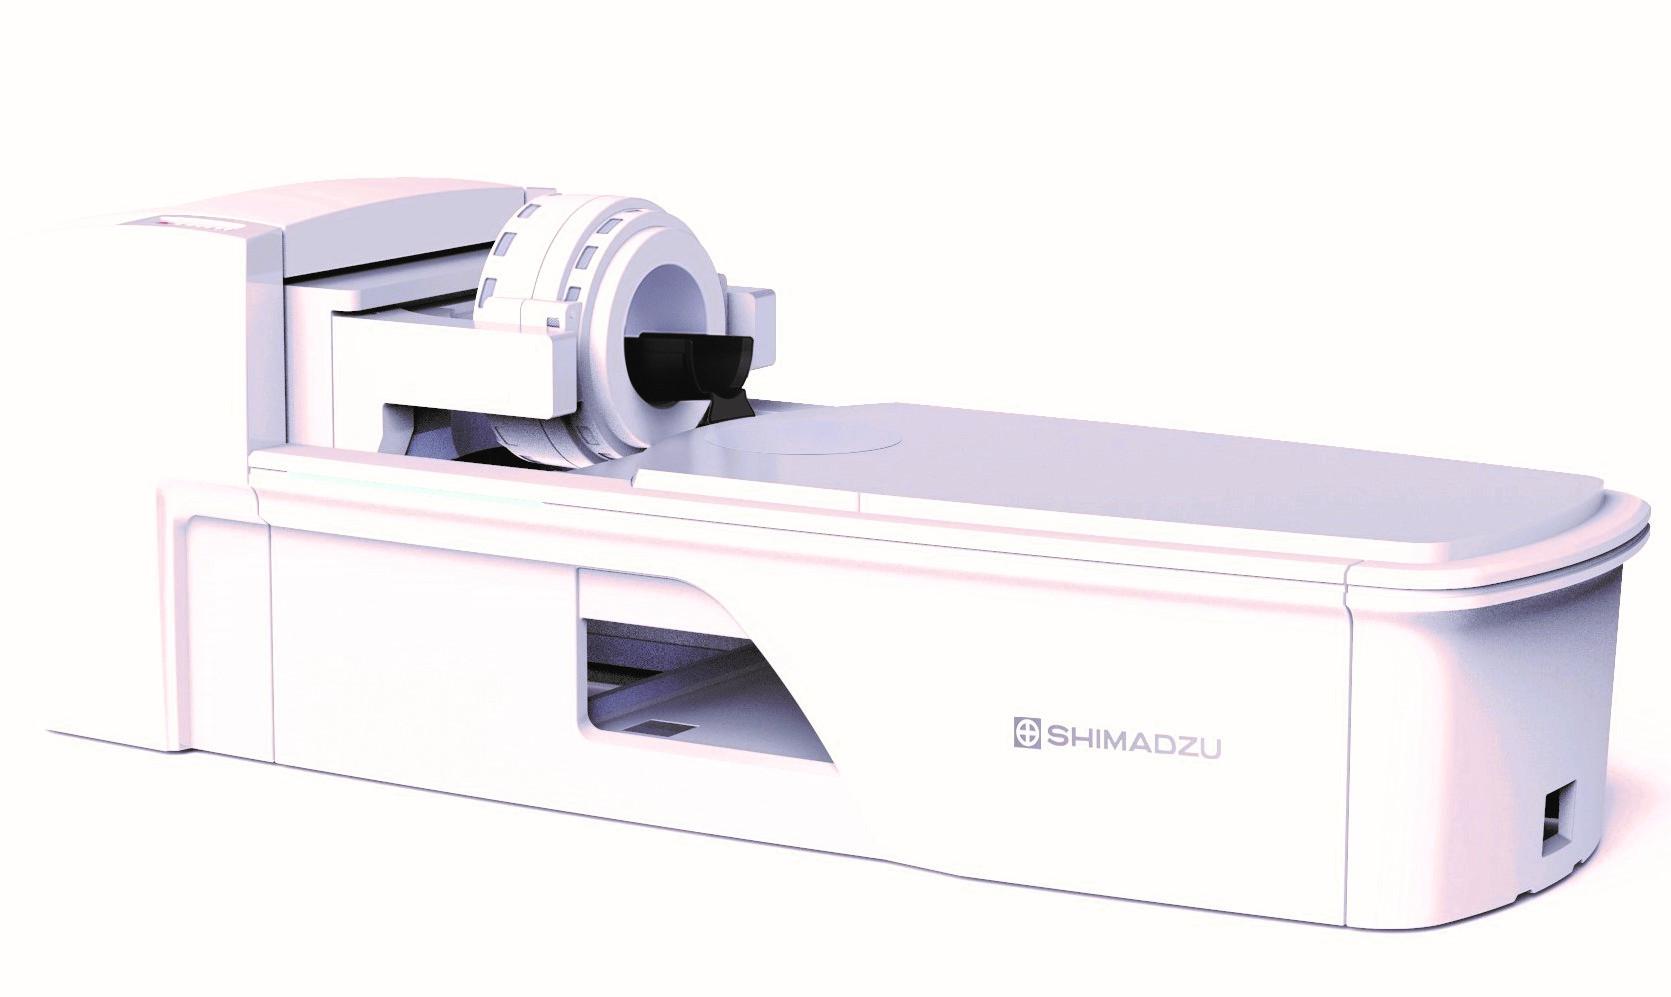 島津製作所/頭部と乳房の検査に特化した、世界初の TOF-PET 装置を発売